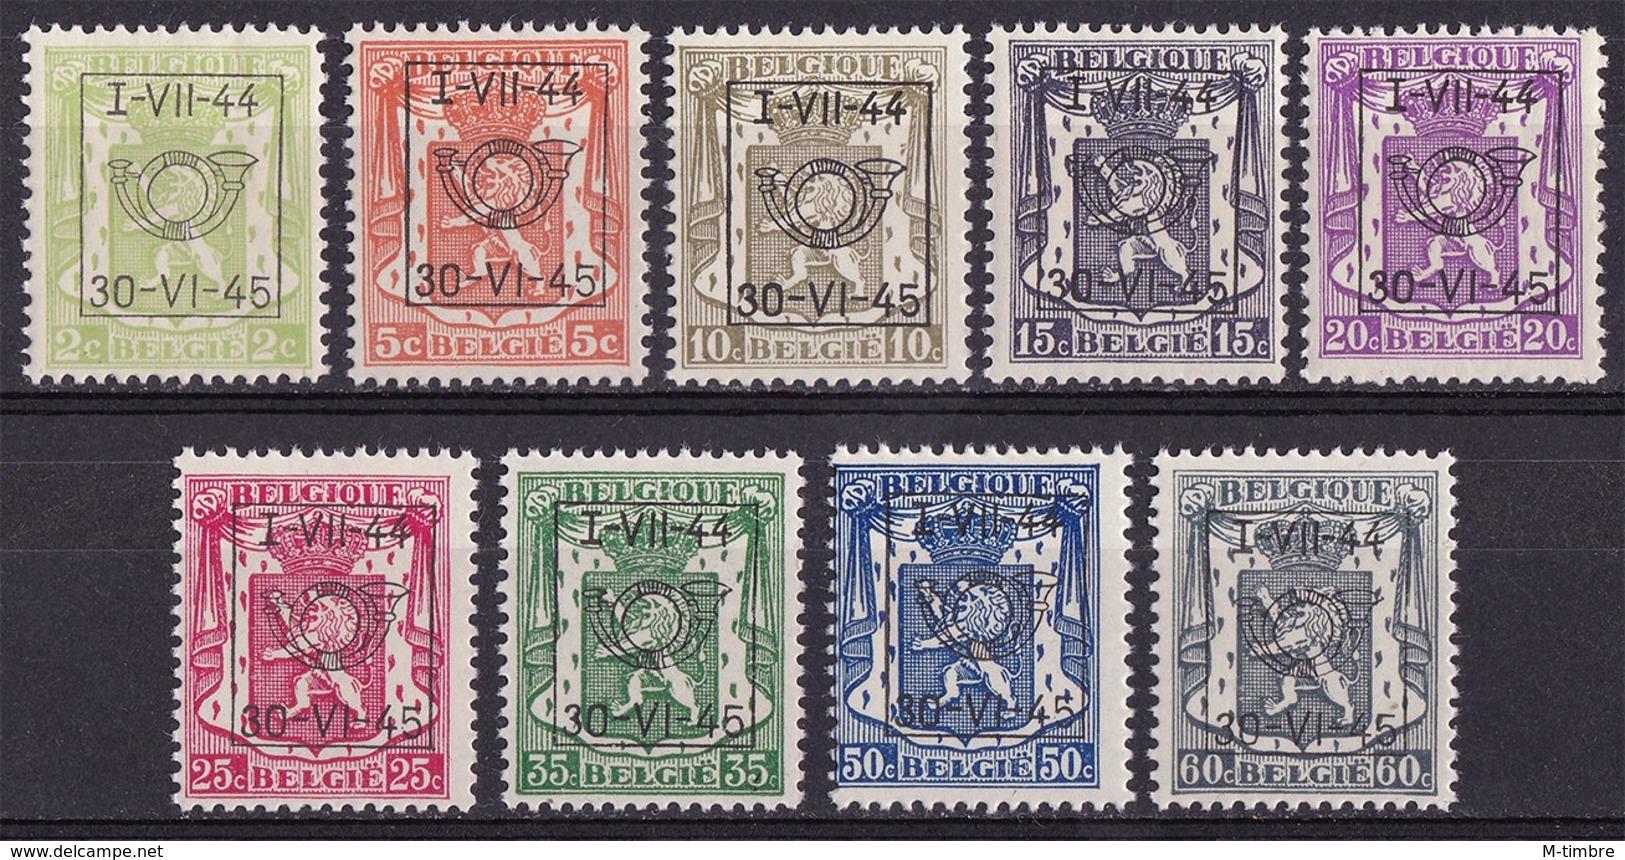 Belgique PRE520 PRE528 Année 1944 (MNH **) - Prematasellados